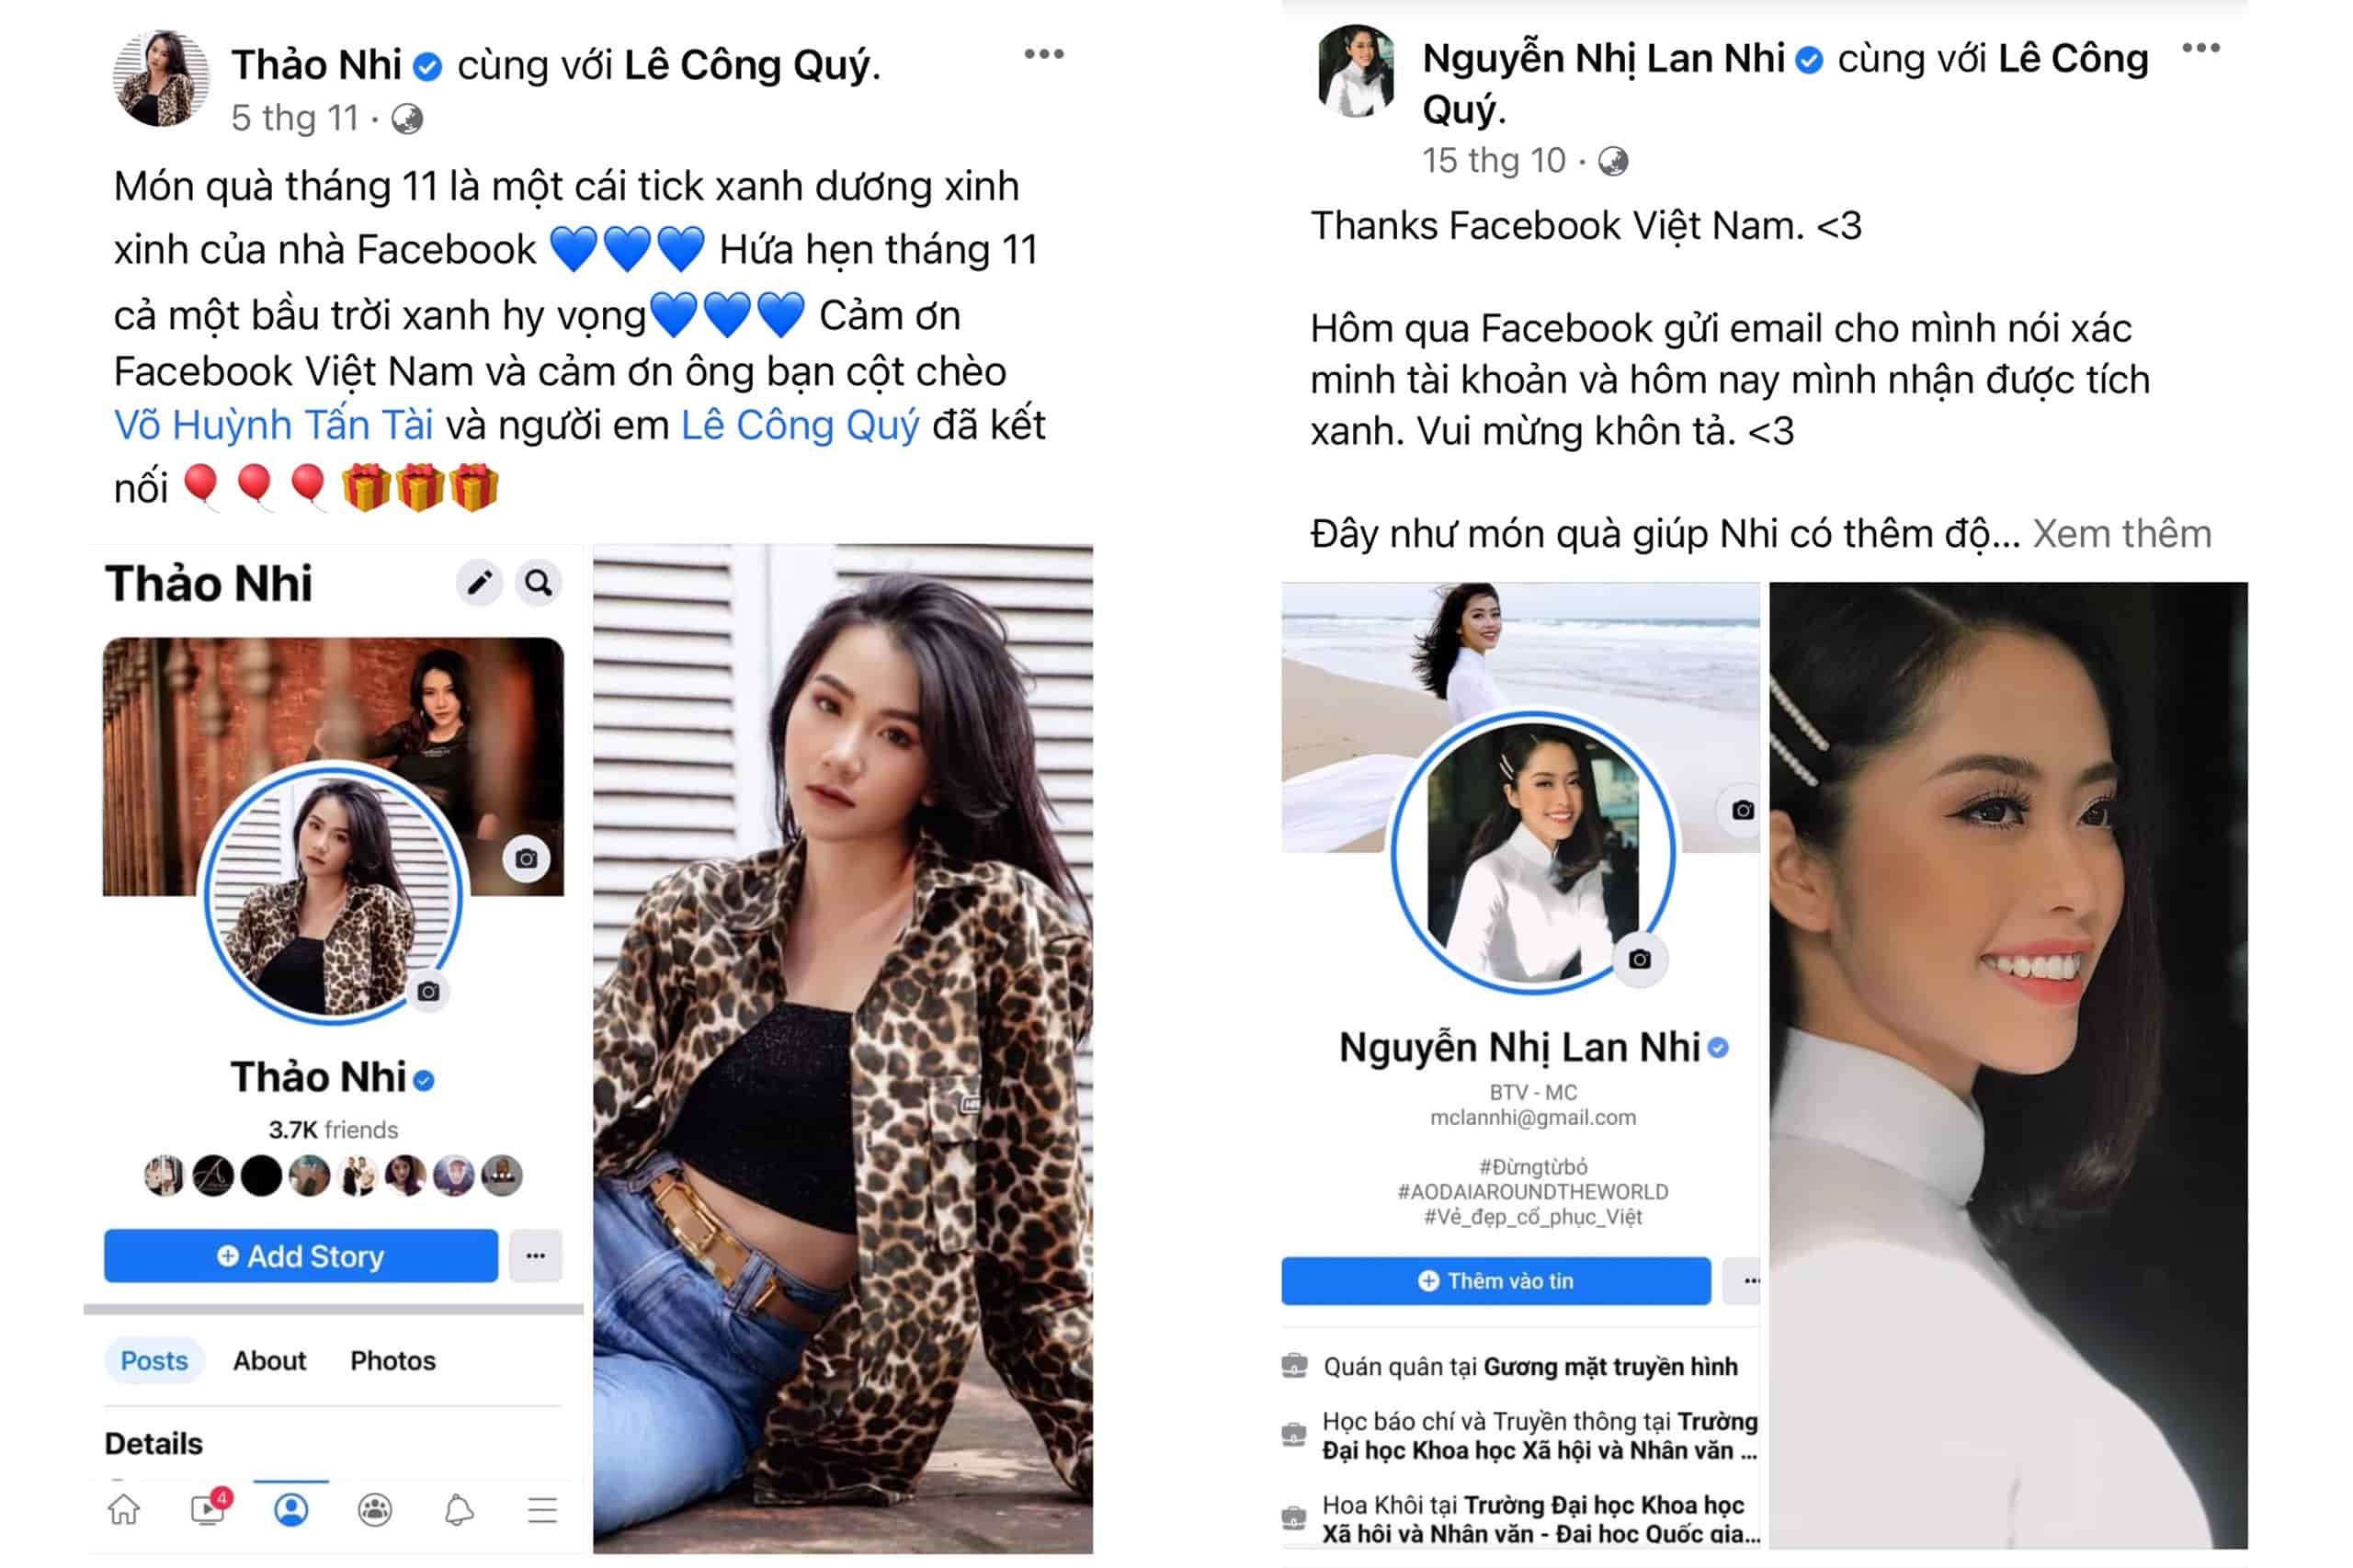 MC Thảo Nhi và MC Lan Nhi chia sẻ cảm xúc khi nhận được xác thực tick xanh